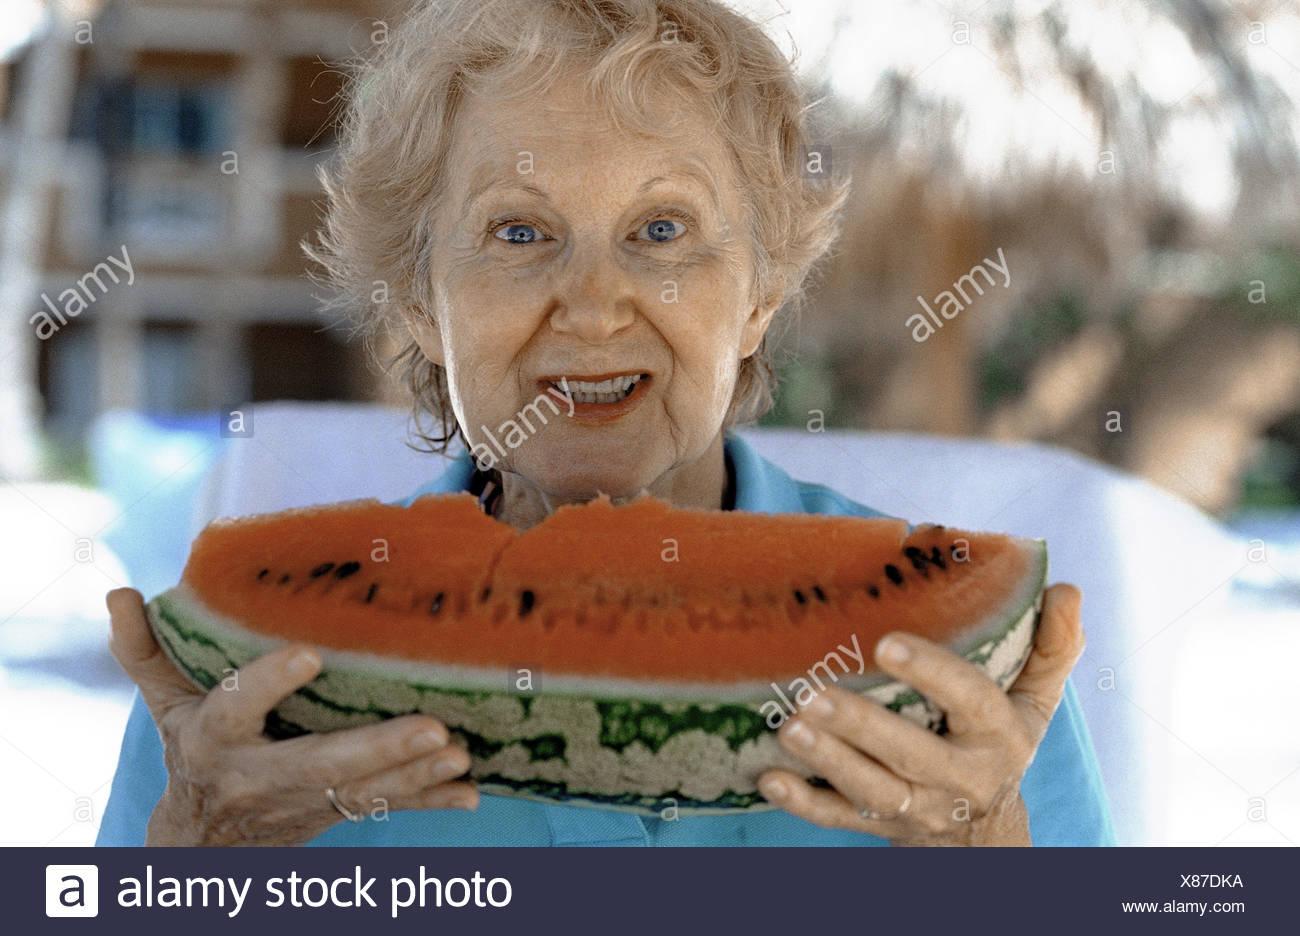 Senior, watermelon, portrait, woman, old, senior citizens